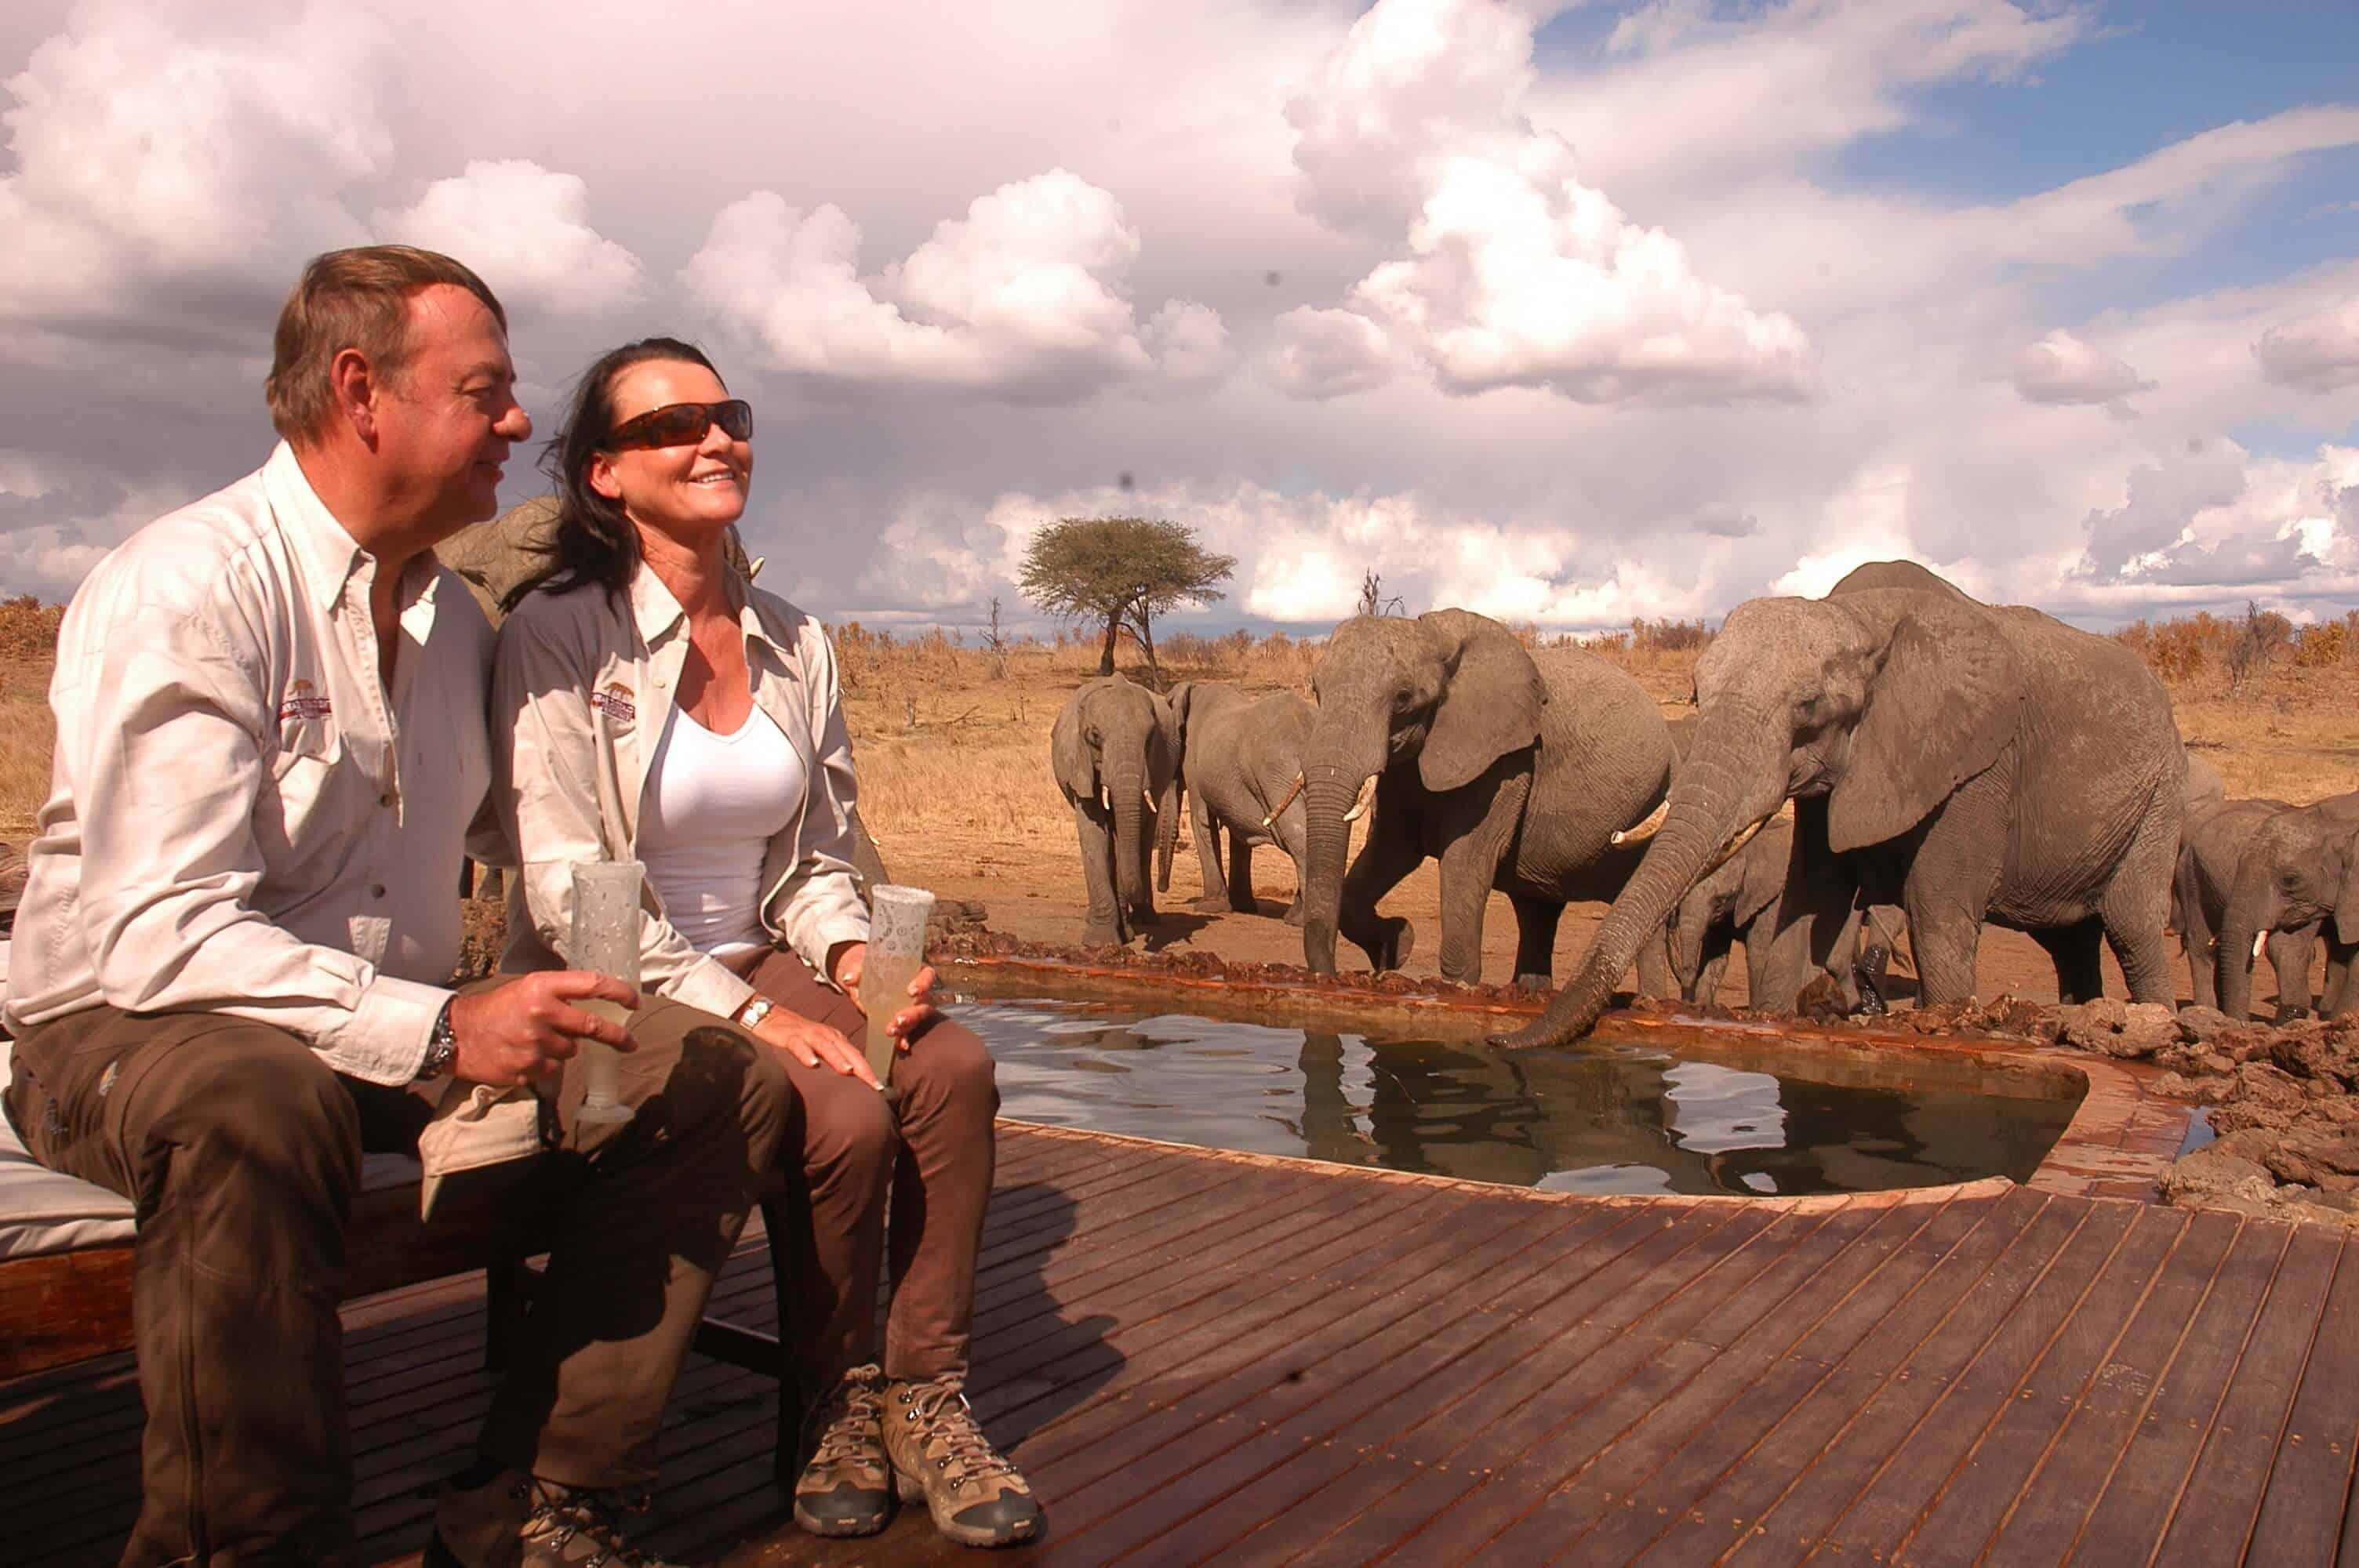 Tailormade-safaris-somlaisa-camp-hwange-zimbabwe